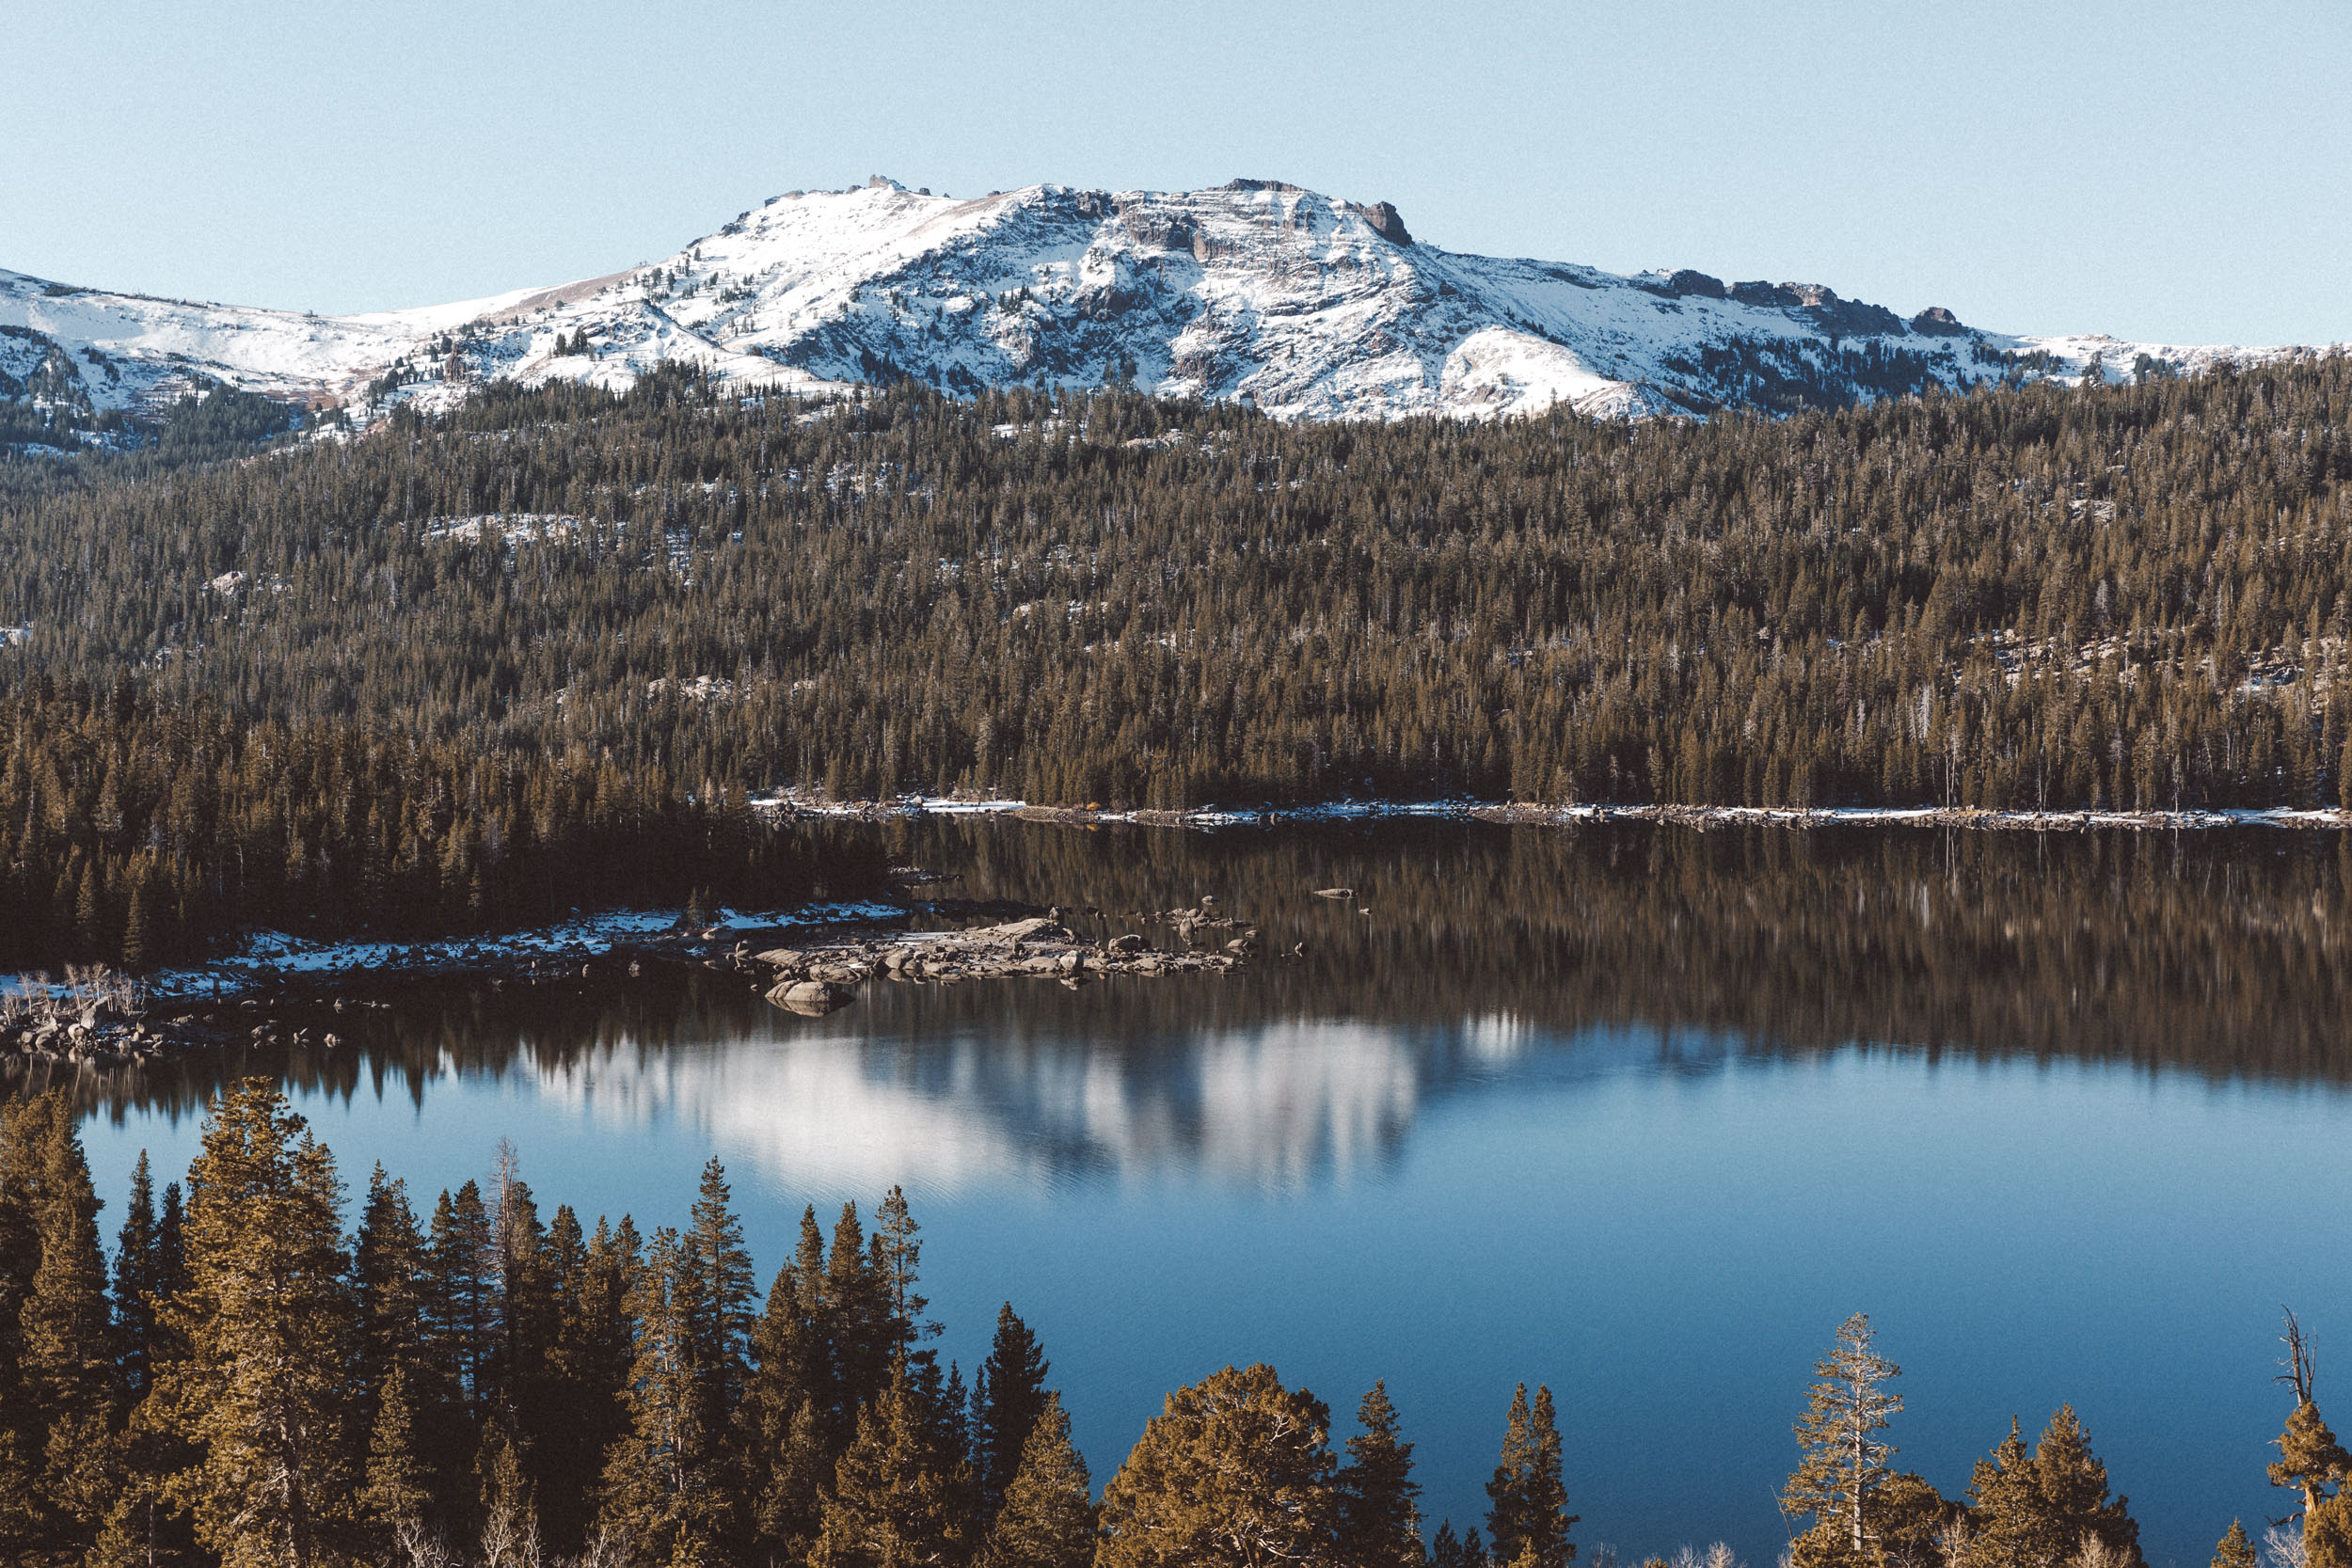 caples-lake-hike-and-shoot-1.jpg